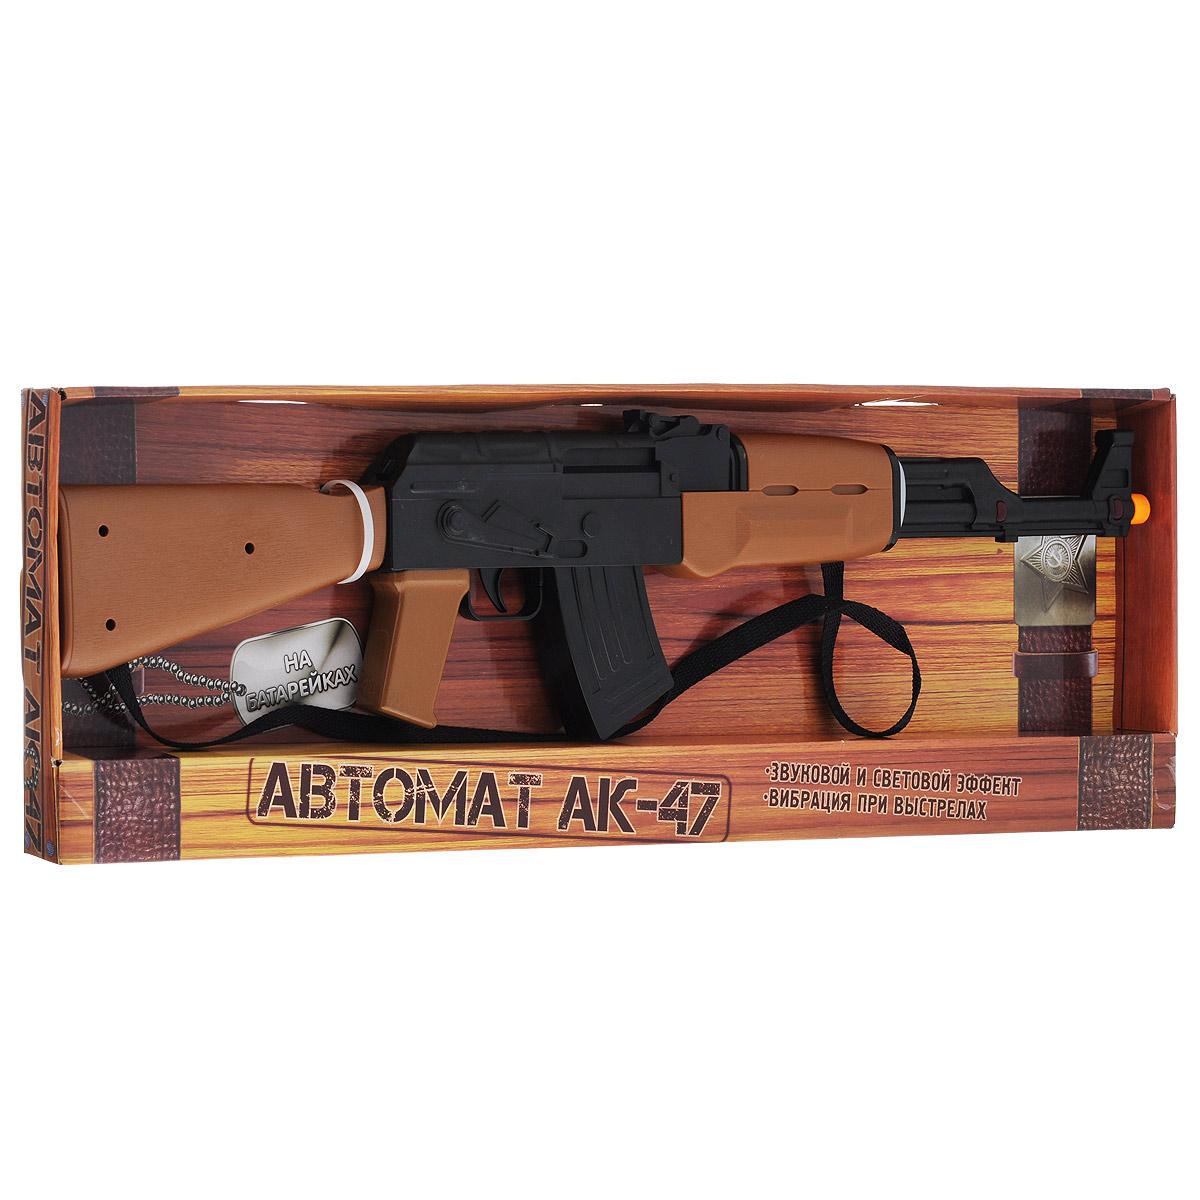 Автомат Играем вместе АК-47183134Автомат Играем вместе АК-47 приведет в восторг любого малыша. Он идеально подойдет для детских игр в отважных защитников правопорядка и дерзких бандитов. Игрушка выполнена из прочного безопасного пластика, и представляет собой реалистичную модель современного автомата модели АК-47. Эргономичный приклад автомата обеспечивает удобство во время игры. Автомат оснащен звуковыми и световыми эффектами - стрельба сопровождается реалистичной вибрацией и звуками выстрелов, а на корпусе автомата загораются красные огоньки. Также, автомат дополнен удобным плечевым ремнем. Этот автомат непременно придется по вкусу вашему ребенку, он сможет часами играть с ним, придумывая различные истории и разыгрывая сцены из любимых фильмов. Такие игры помогут малышу развить социальные и коммуникативные навыки, воображение, крупную и мелкую моторику. Порадуйте своего ребенка таким замечательным подарком! Рекомендуется докупить 2 батарейки напряжением 1,5V типа АА (товар комплектуется демонстрационными).